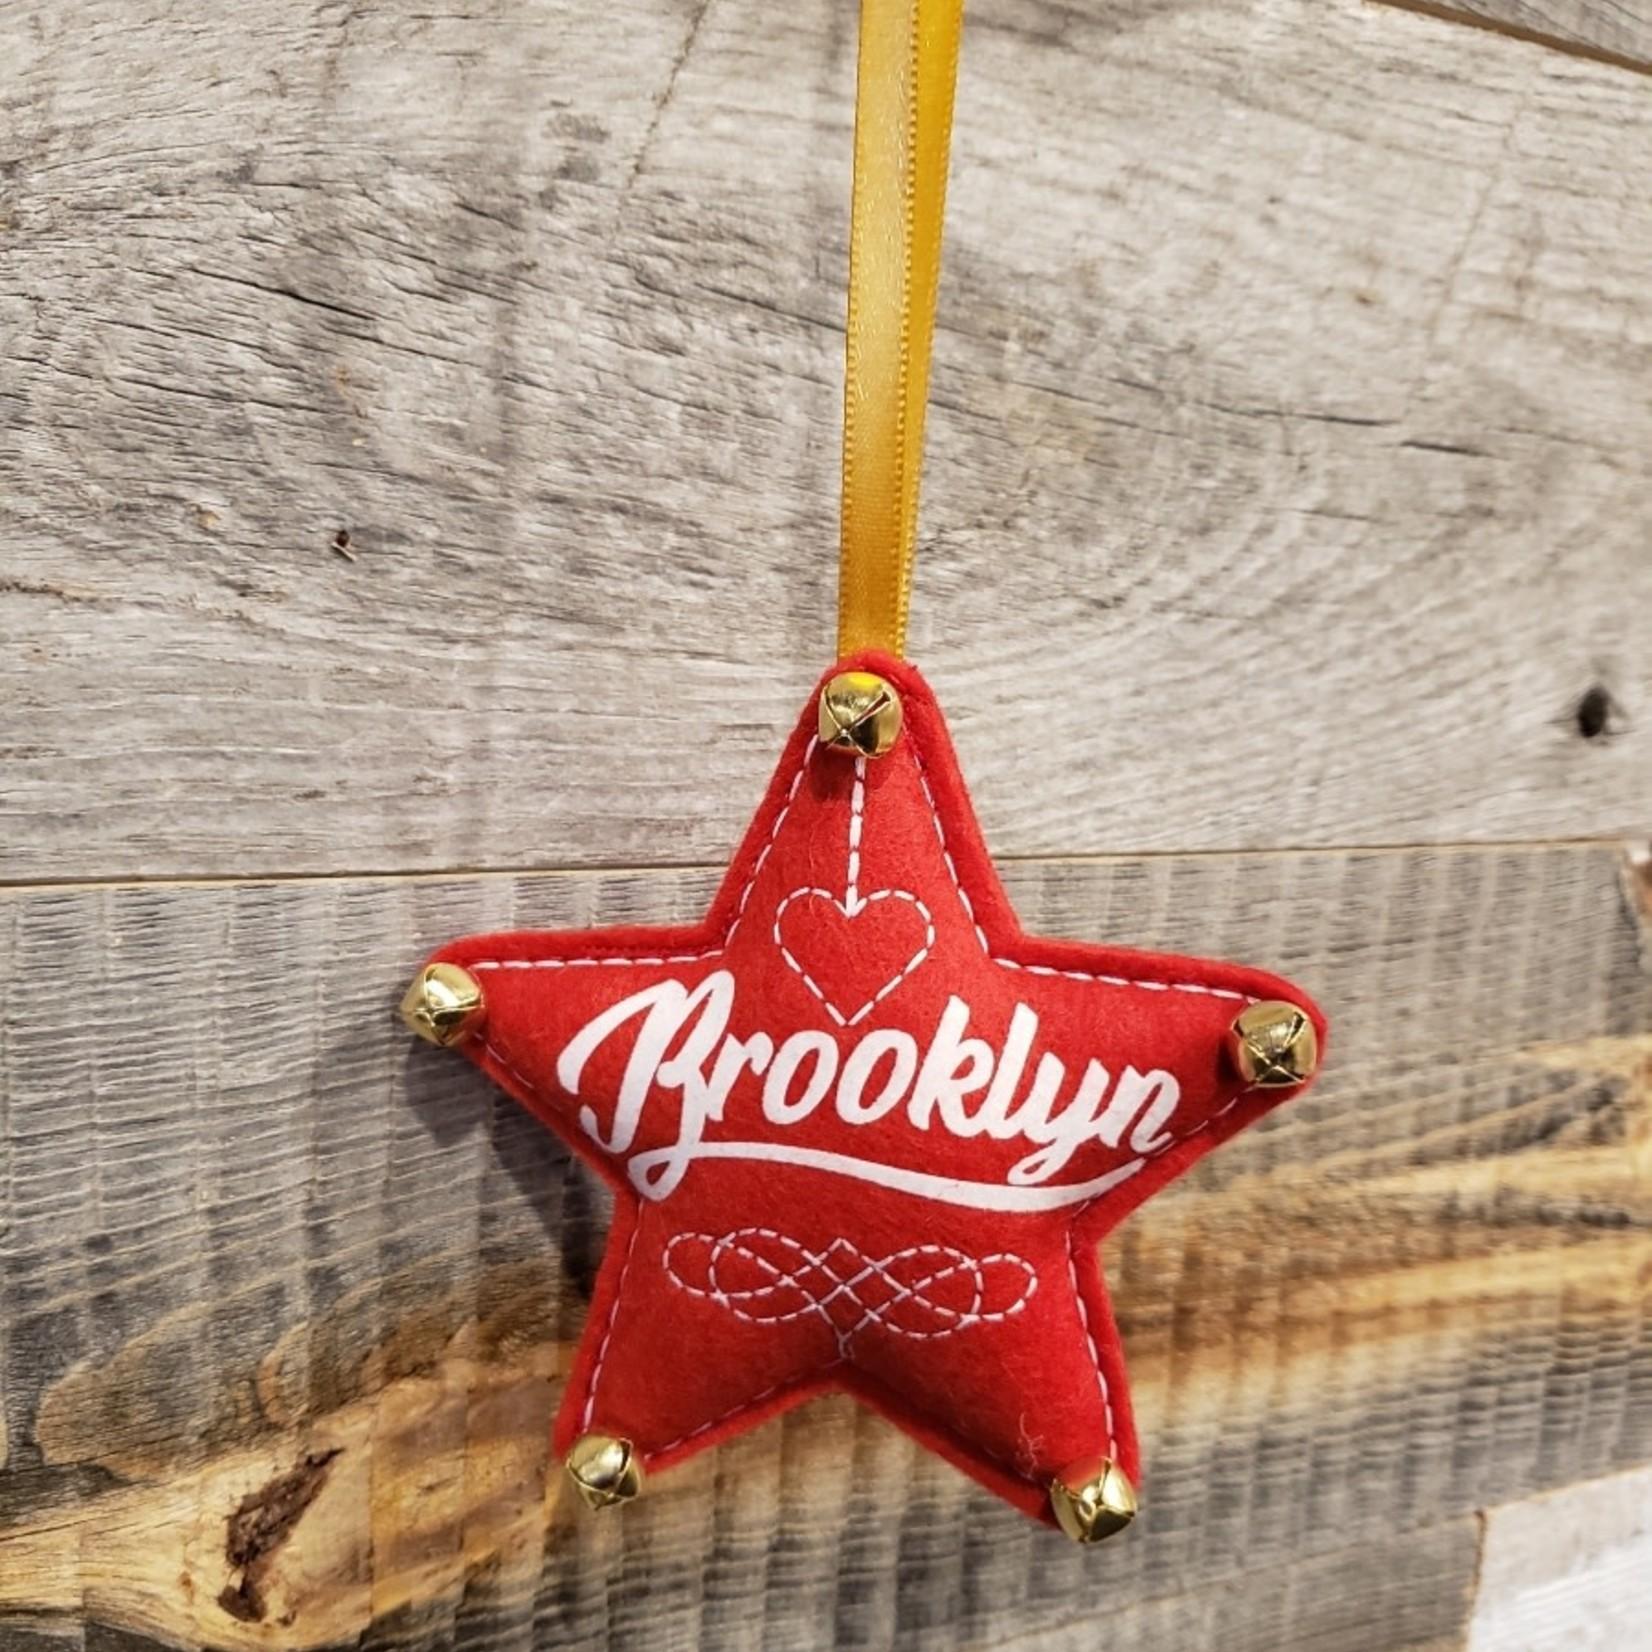 BKLYN Star Ornament Red Brooklyn